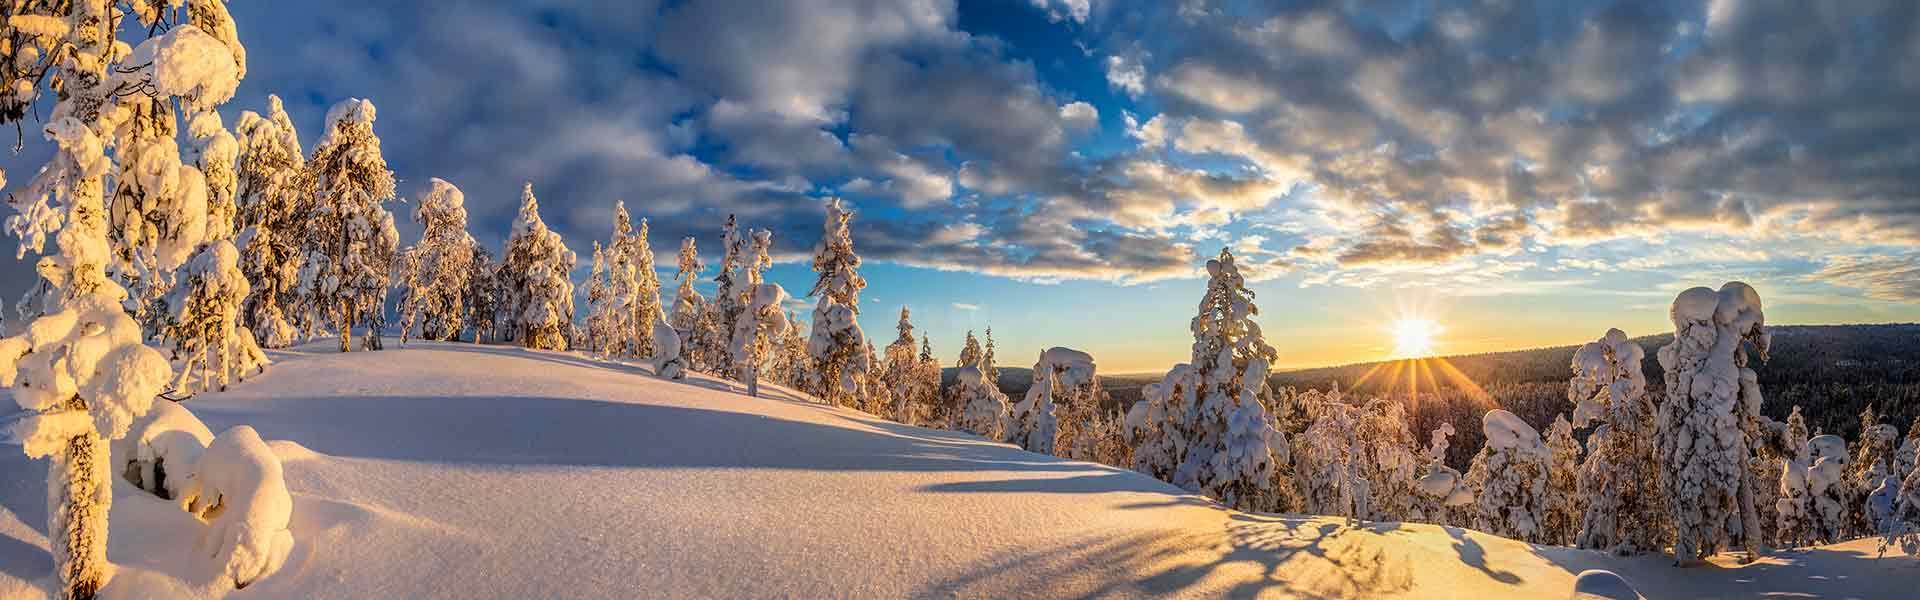 Winter sunrise in Finland